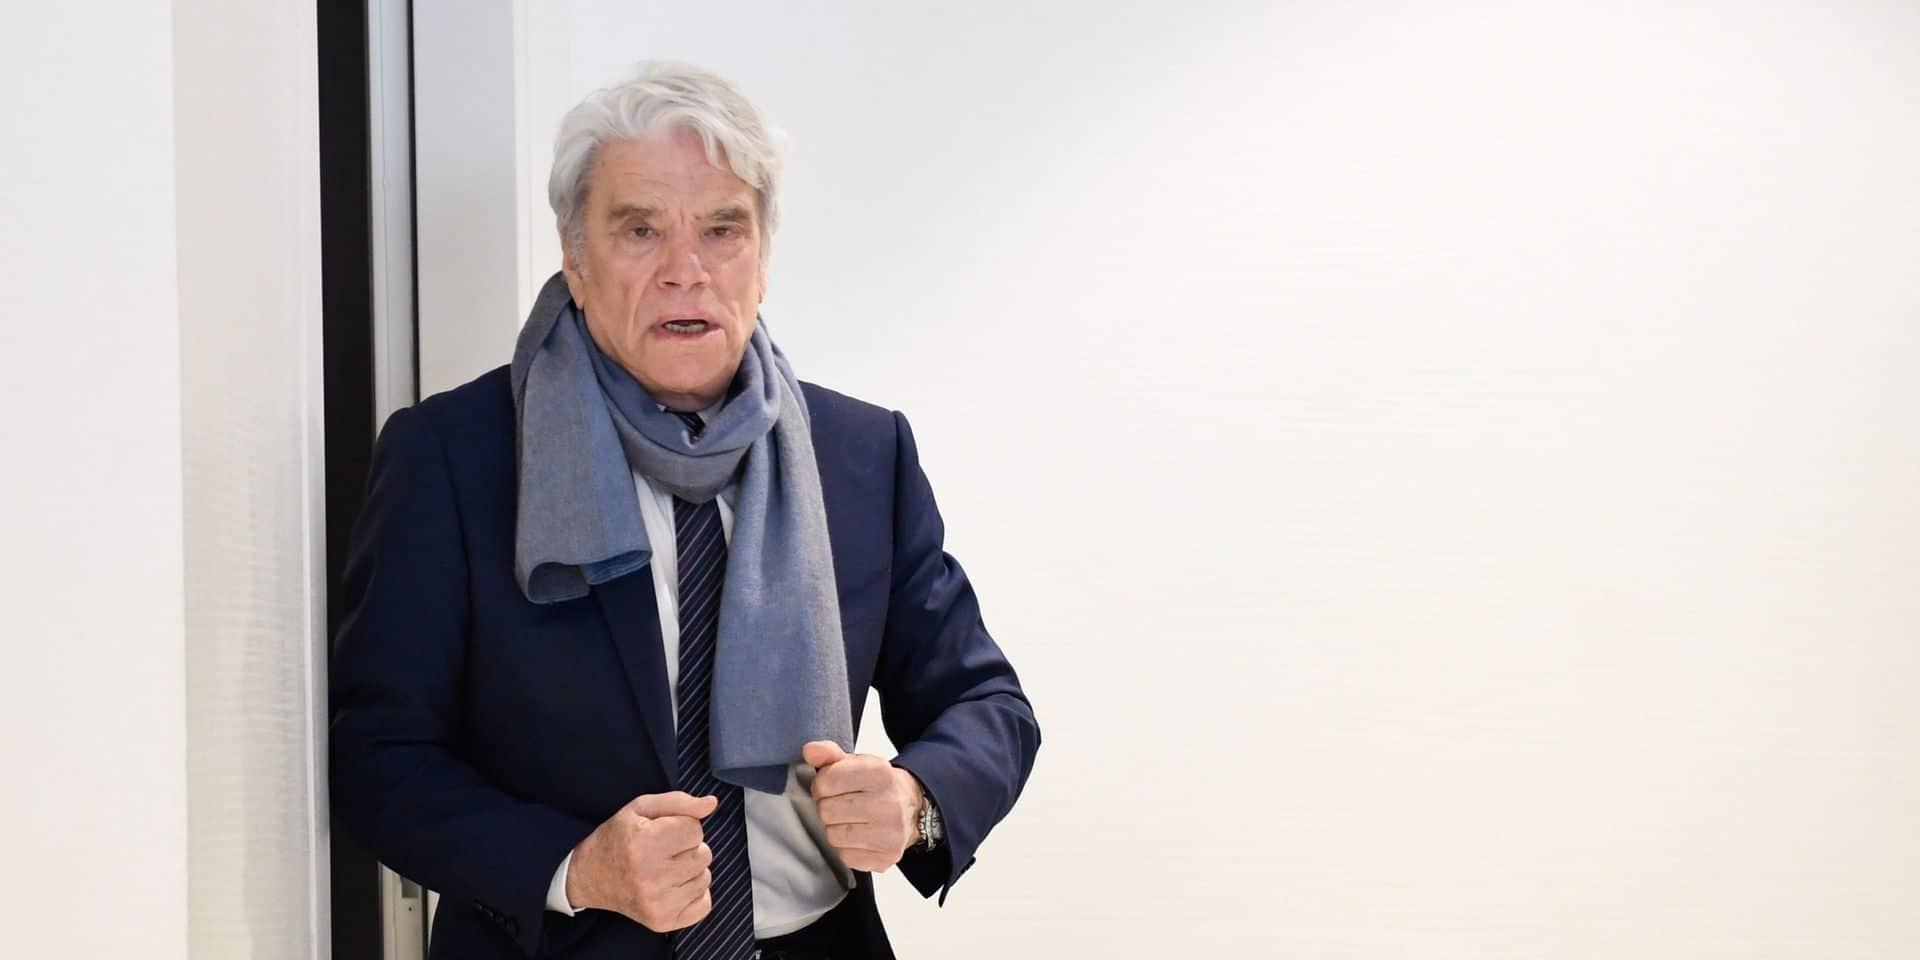 Affaire de l'arbitrage: Bernard Tapie à nouveau face aux juges